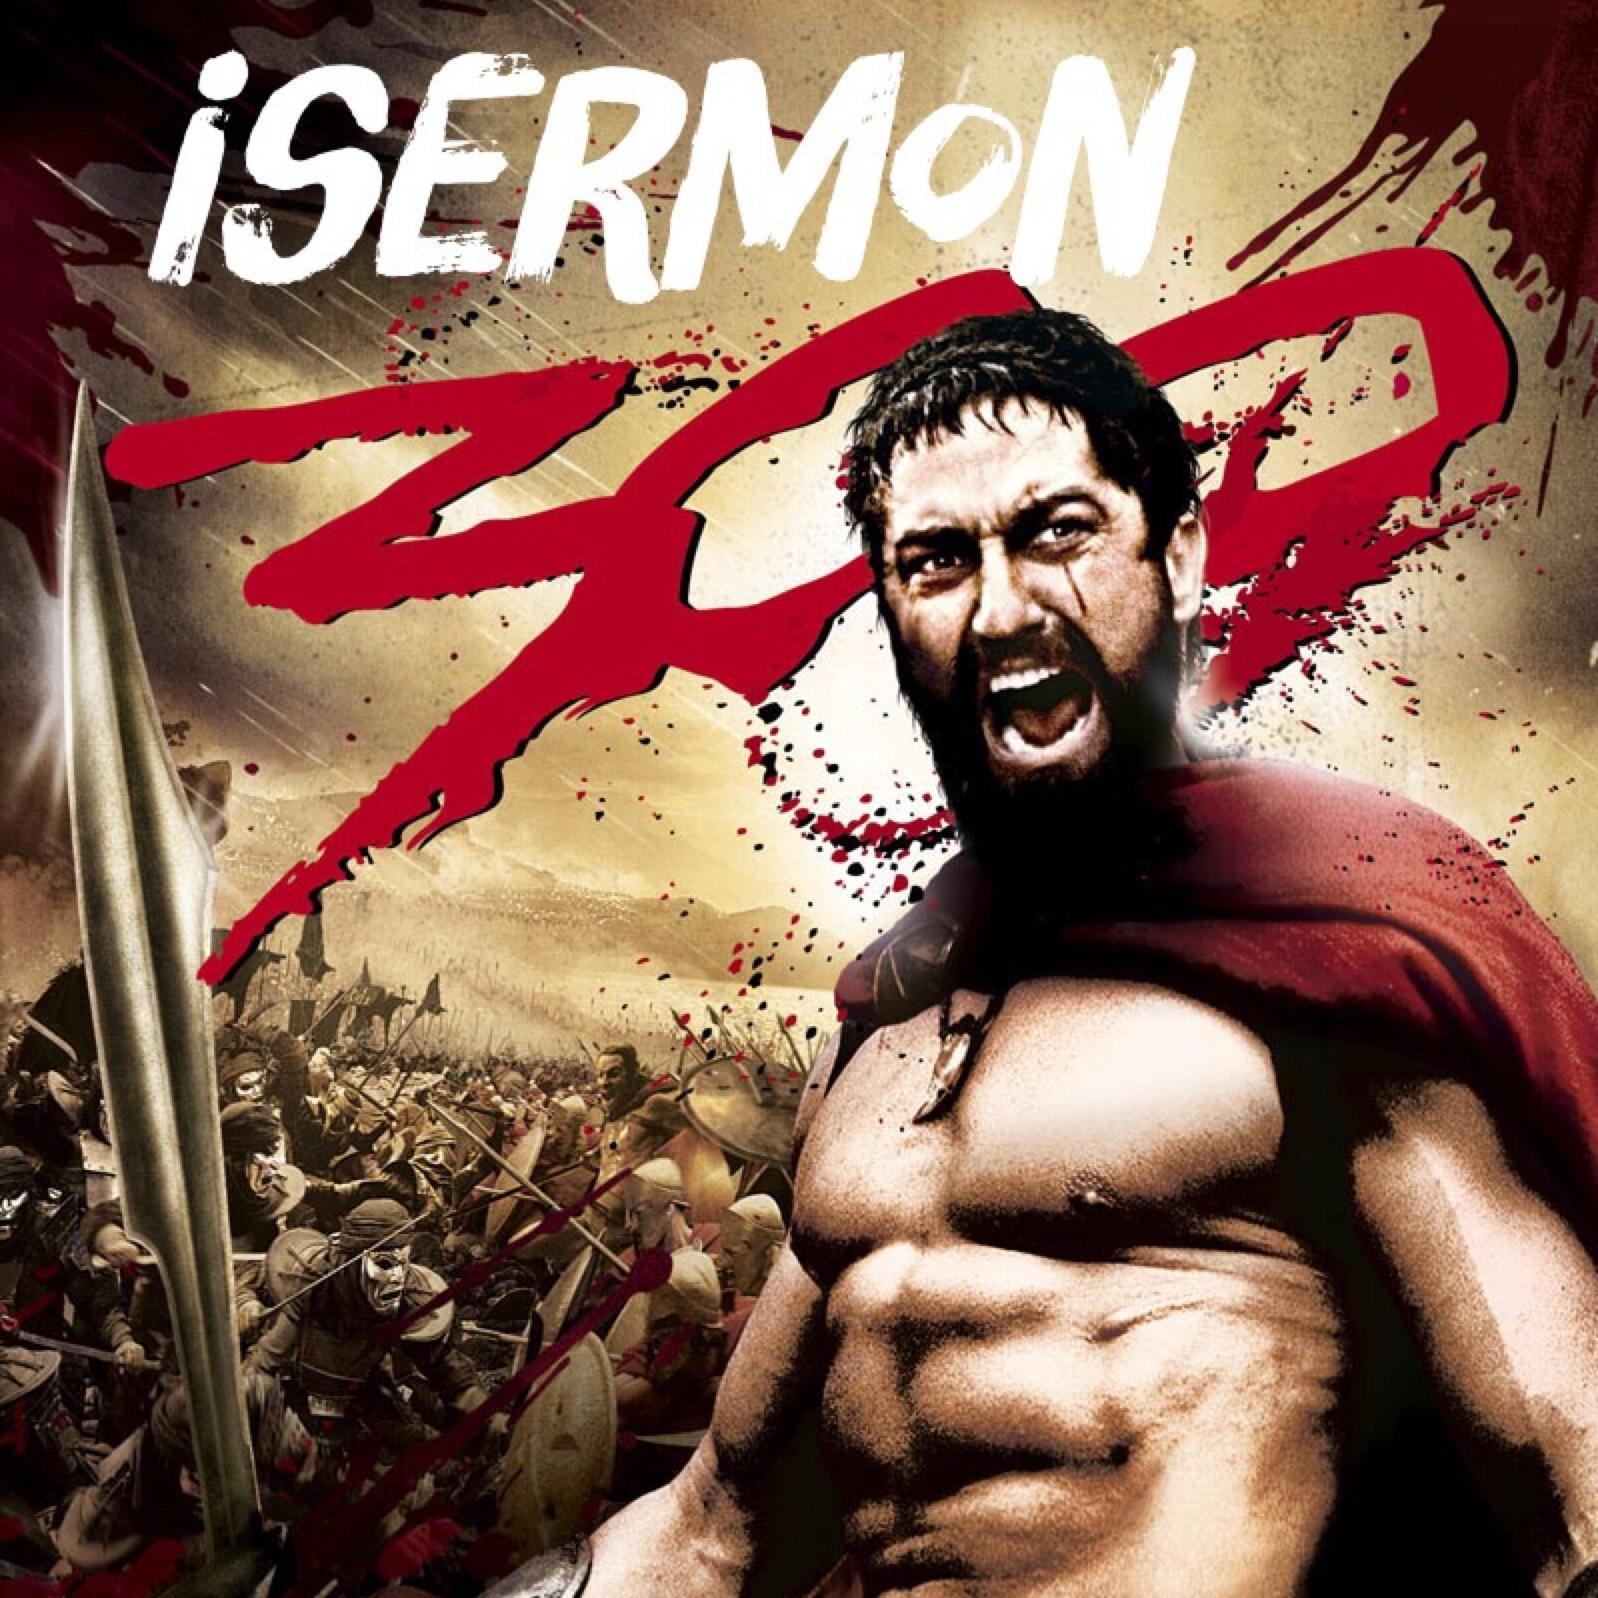 iSermon